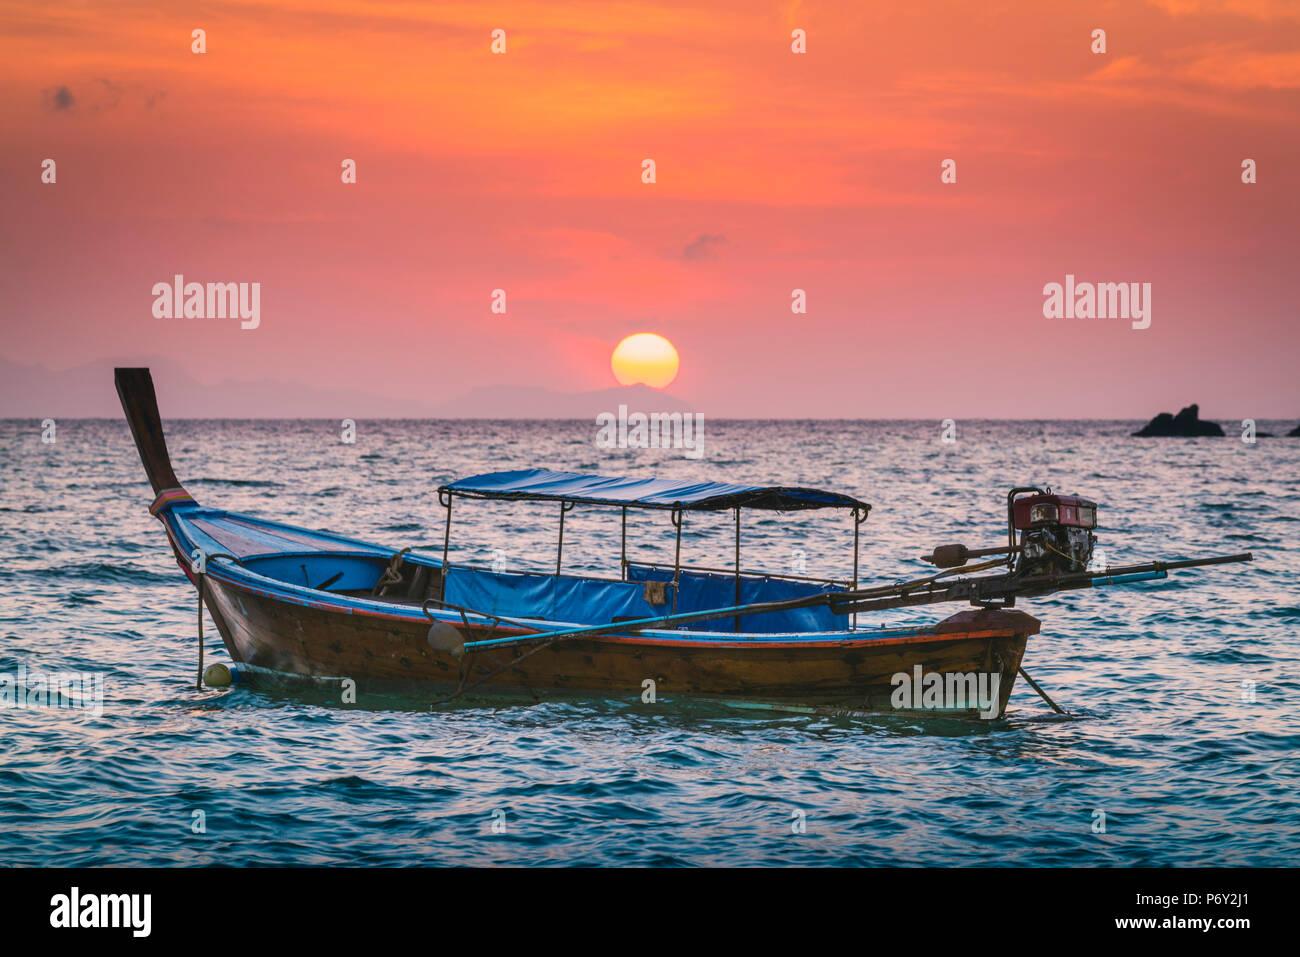 Bateaux Longtail de Sunset Beach, Ko Lipe, Ranong, Thaïlande. Bateau longue queue traditionnels et soleil levant. Photo Stock